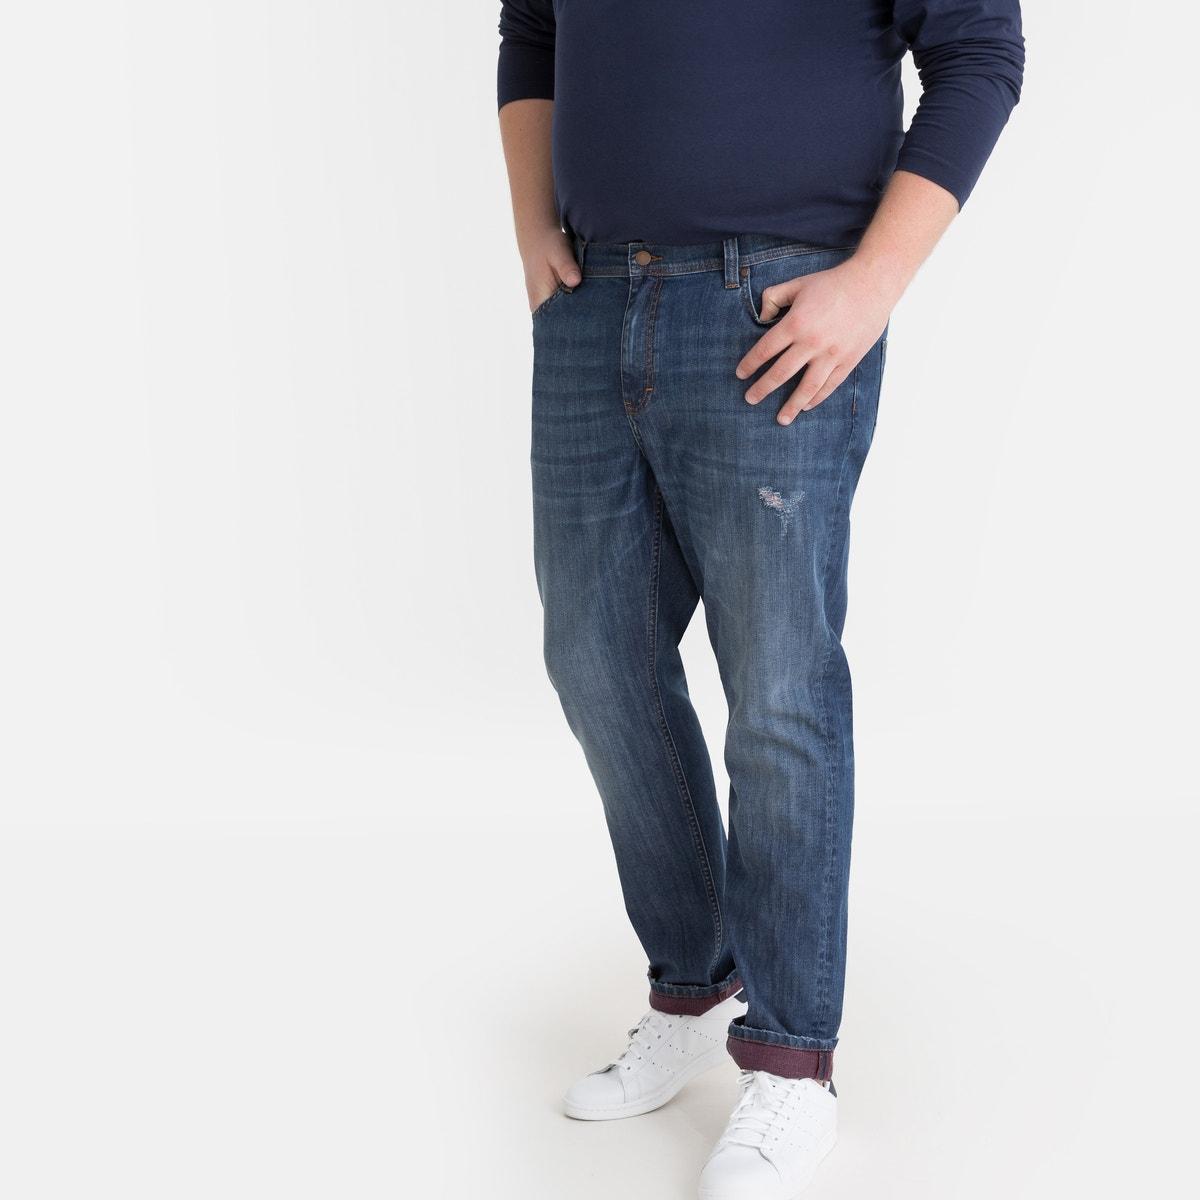 Περιγραφή:- Παντελόνι regular jeans- Κανονική μέση με λάστιχο- Ρεβέρ σε αντίθεσηΣύνθεση και συντήρηση:- 98% βαμβάκι, 2% ελαστάνη- Πλύσιμο στους 40°C στο πρόγραμμα για ευαίσθητα- Σιδέρωμα σε χαμηλή θερμοκρασία- Απαγορεύεται το στεγνωτήριο- Απαγορεύεται το στεγνό καθάρισμαΜεγάλα μεγέθηΠερισσότερες λεπτομέρειες:- Μήκος καβάλου 83,6 εκ., φάρδος στα μπατζάκια 20,3 εκ. για το μέγεθος 54